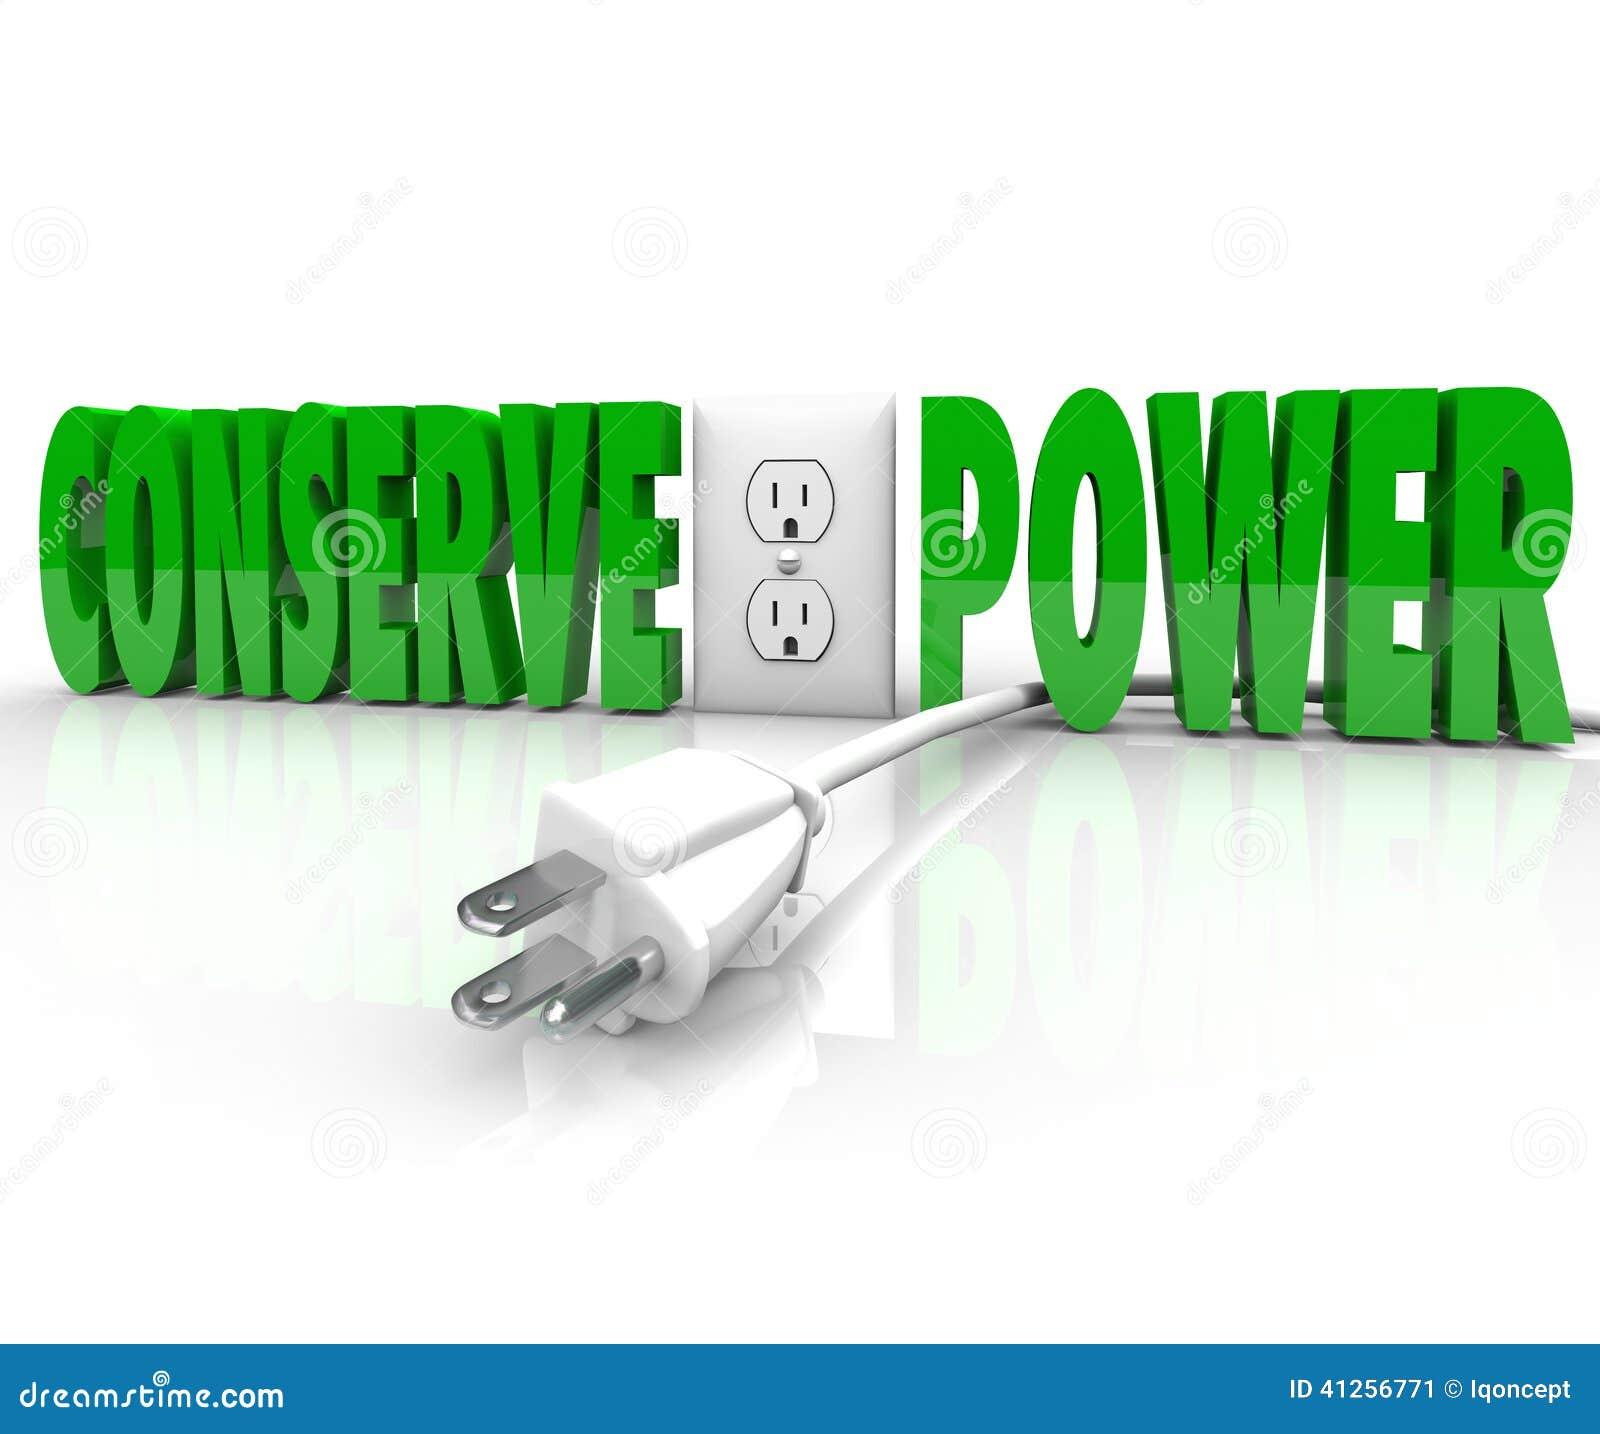 Konservieren Sie Energie-Stromkabel-Stecker-Abwehr-Energie-Einsparung